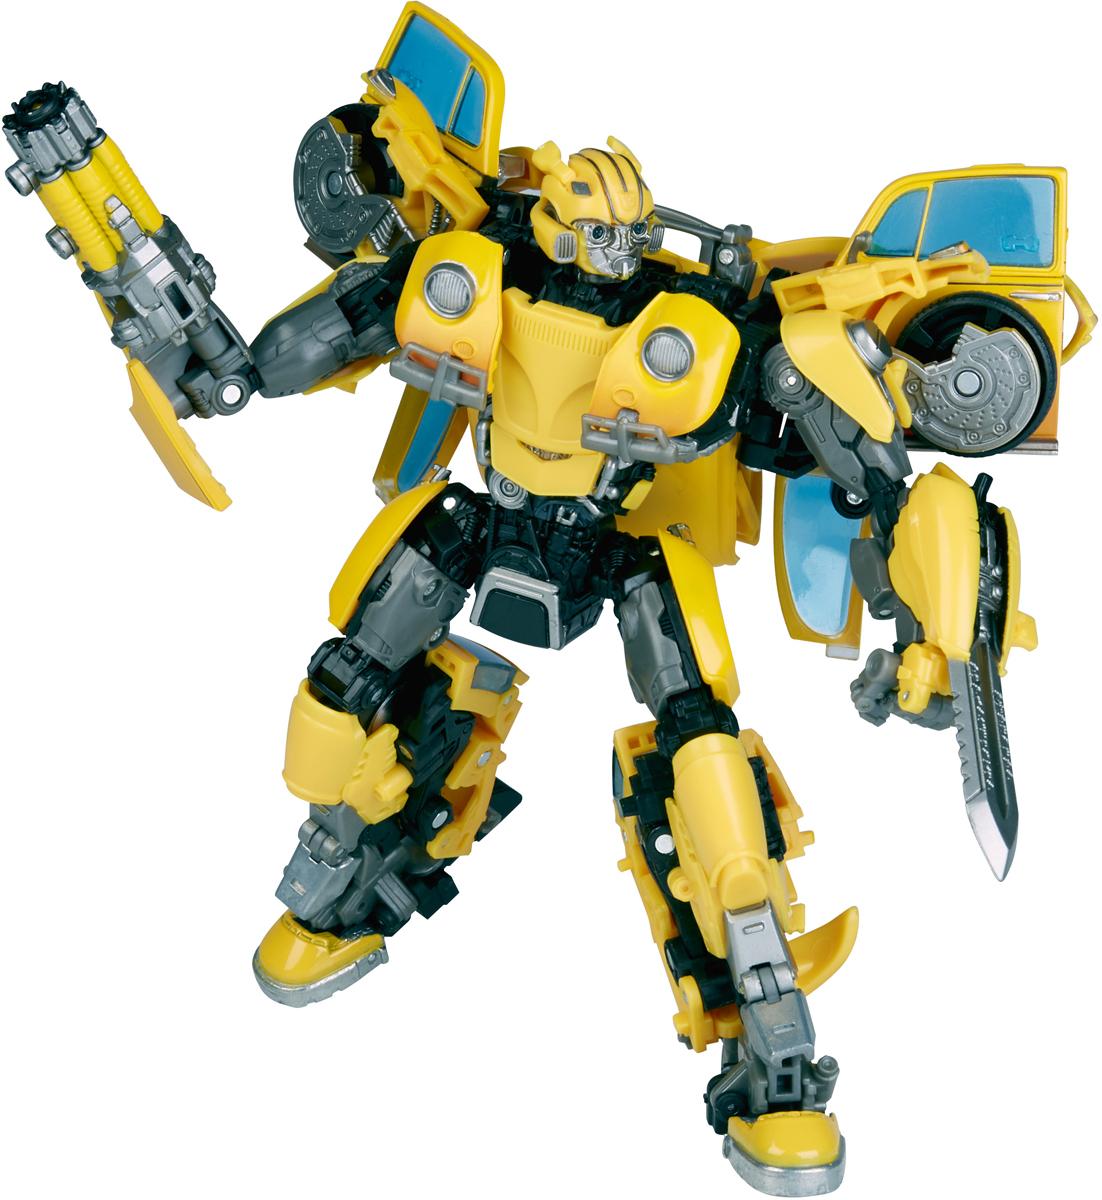 Игрушка-трансформер Transformers Бамблби Эксклюзив, E0835E48, высота 17 см робот transformers transformers бамблби 15 см